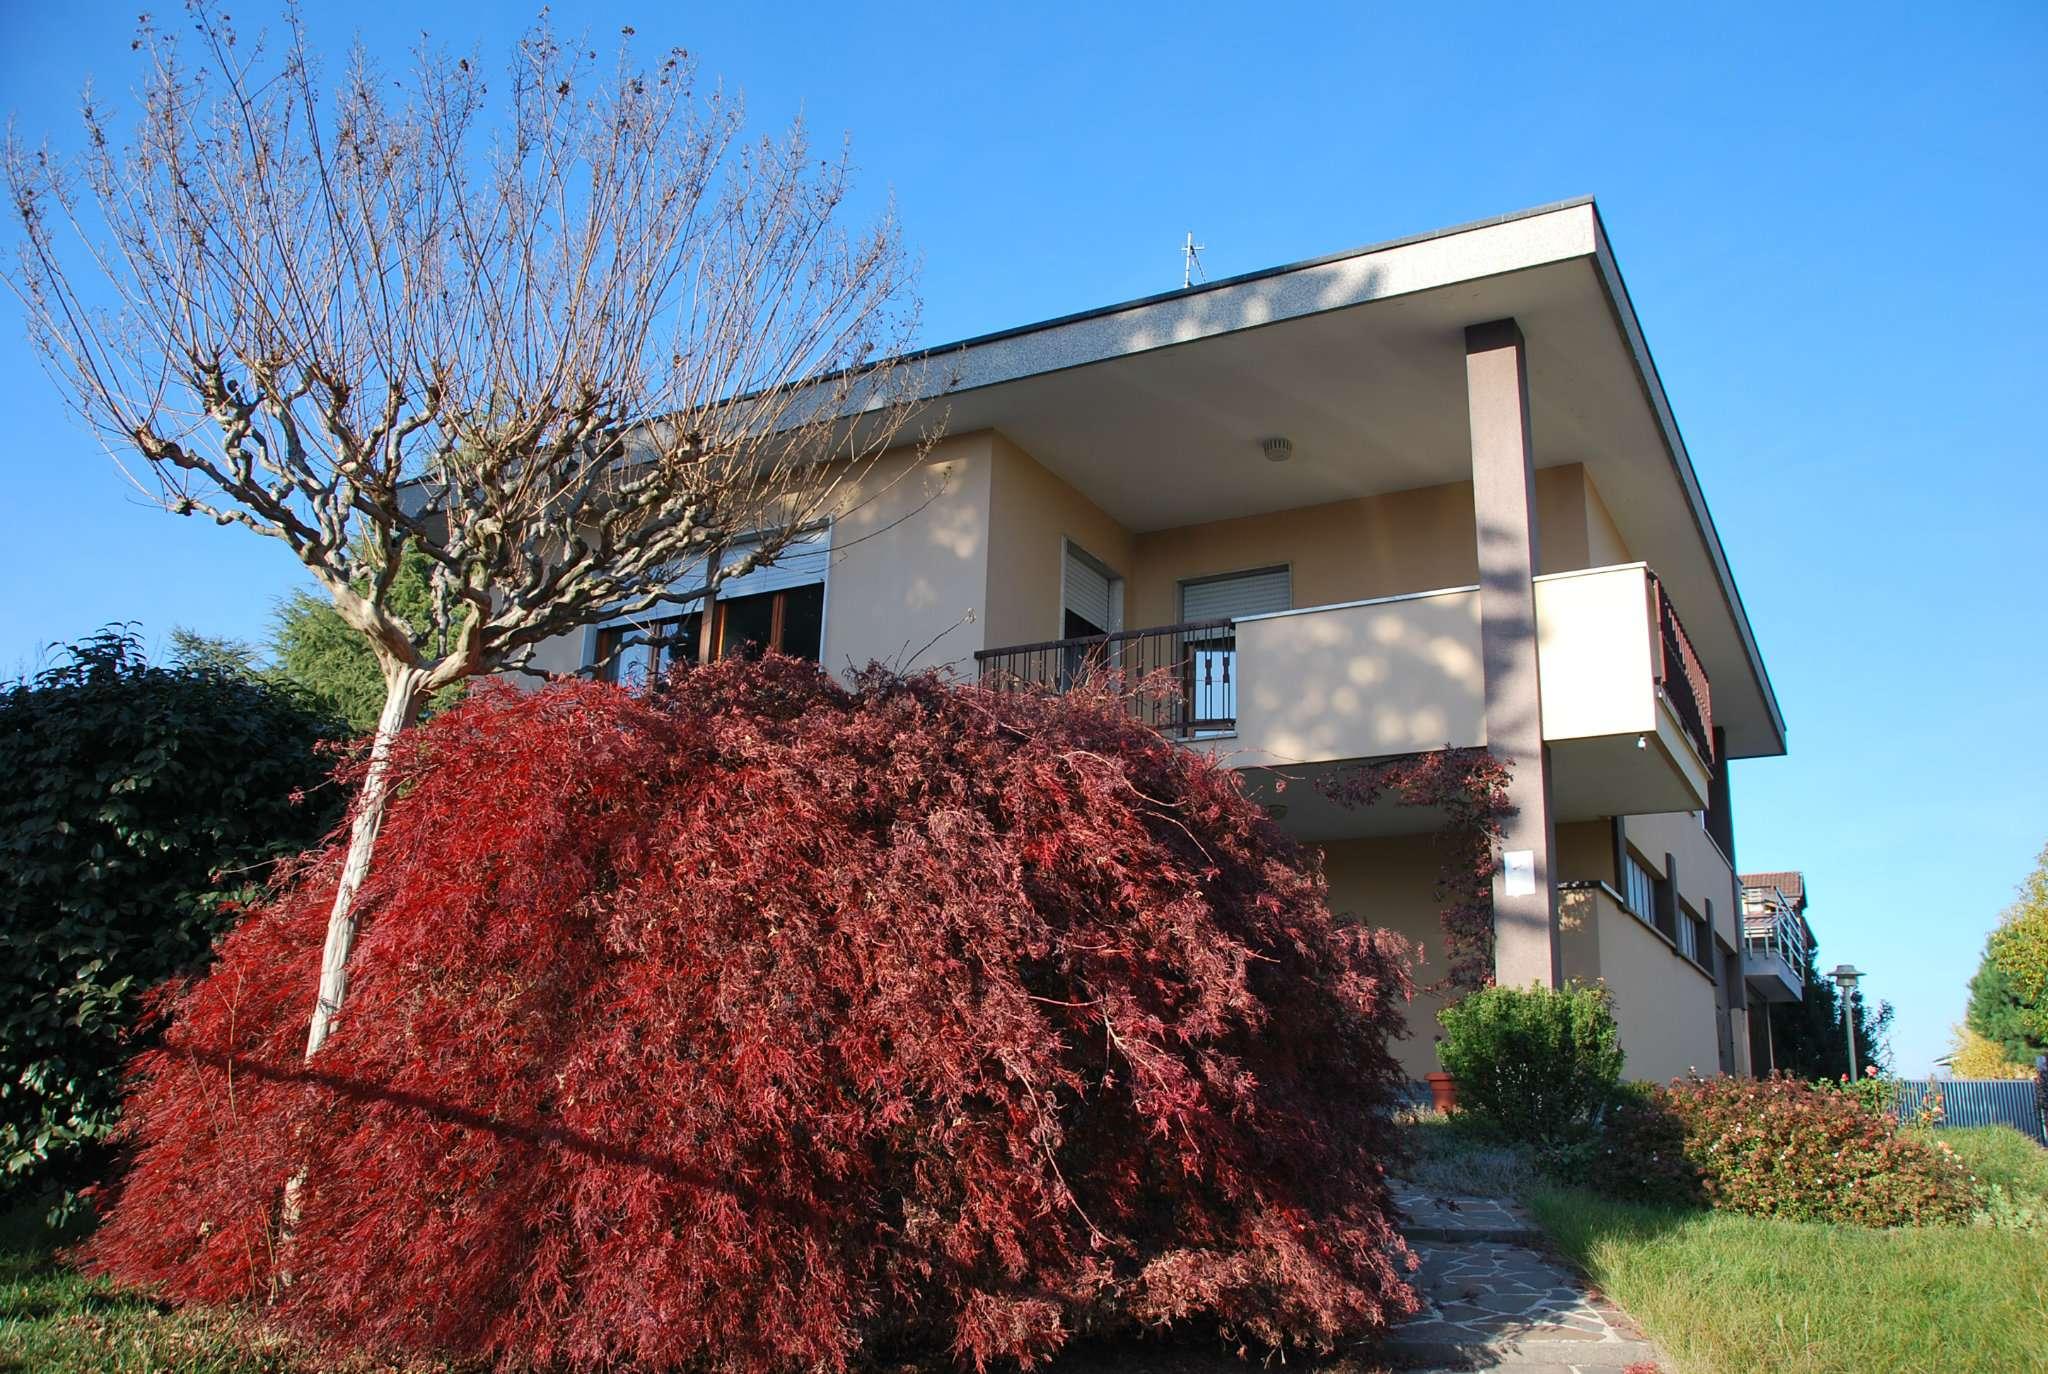 Villa in vendita a Lonate Pozzolo, 3 locali, prezzo € 290.000 | CambioCasa.it